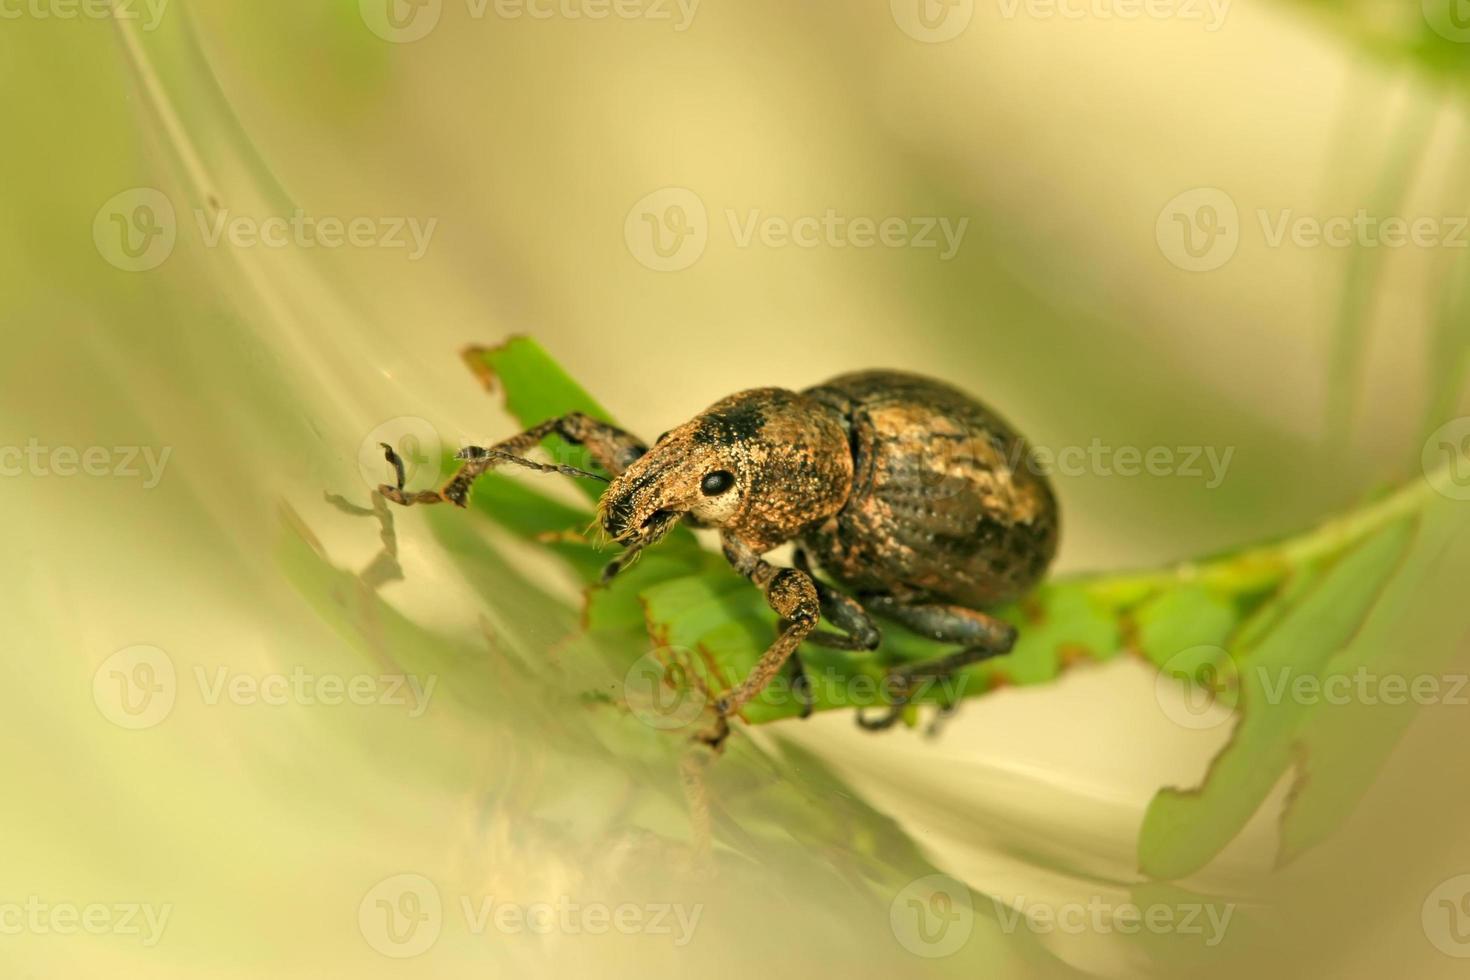 weevil photo